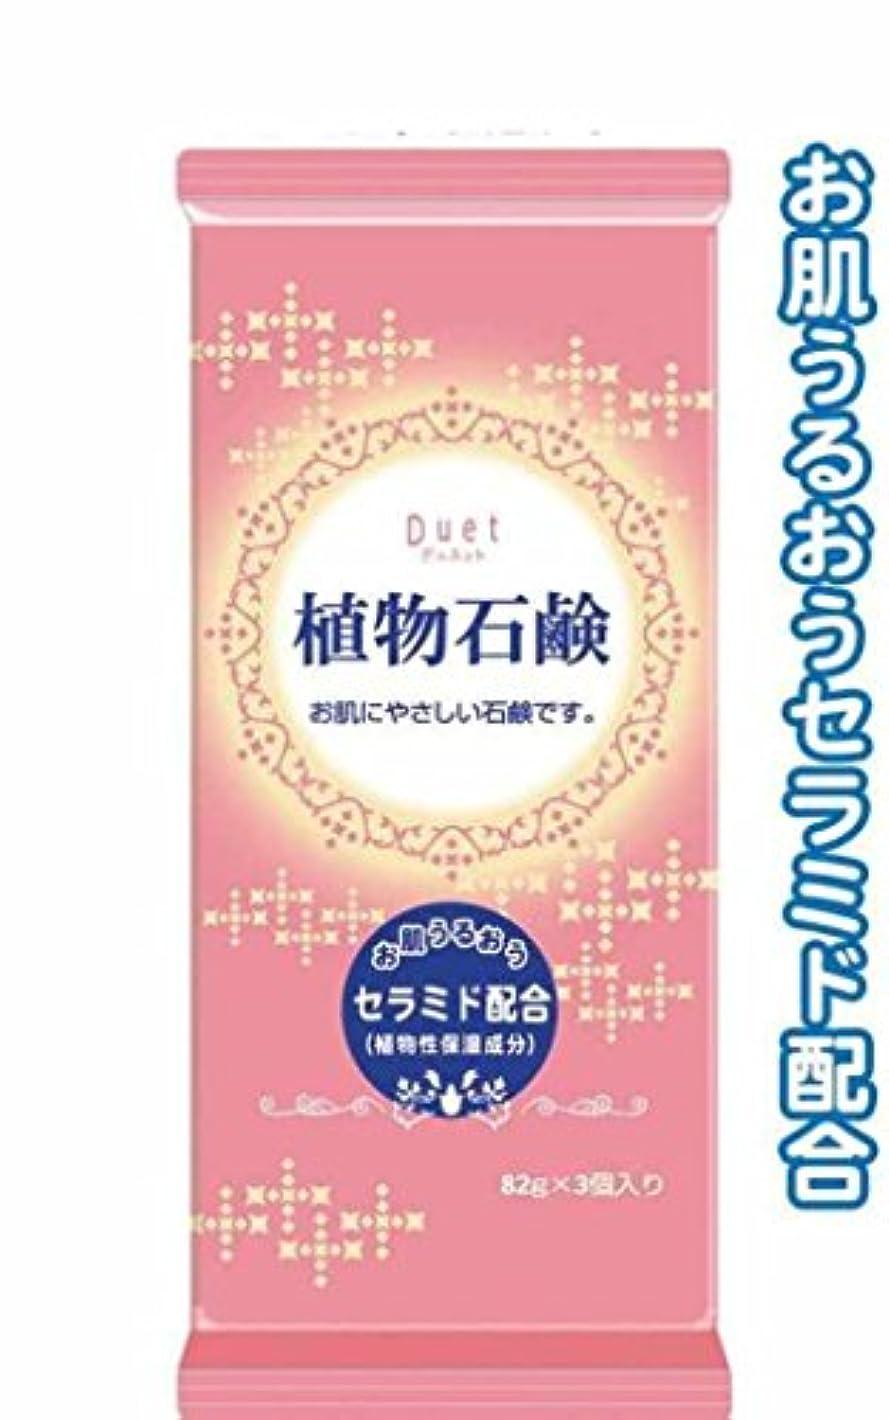 パン屋化学者ウールデュエット植物石鹸82g×3個入フローラルの香り 【まとめ買い4個入り×320パック 合計1280個セット】 46-204